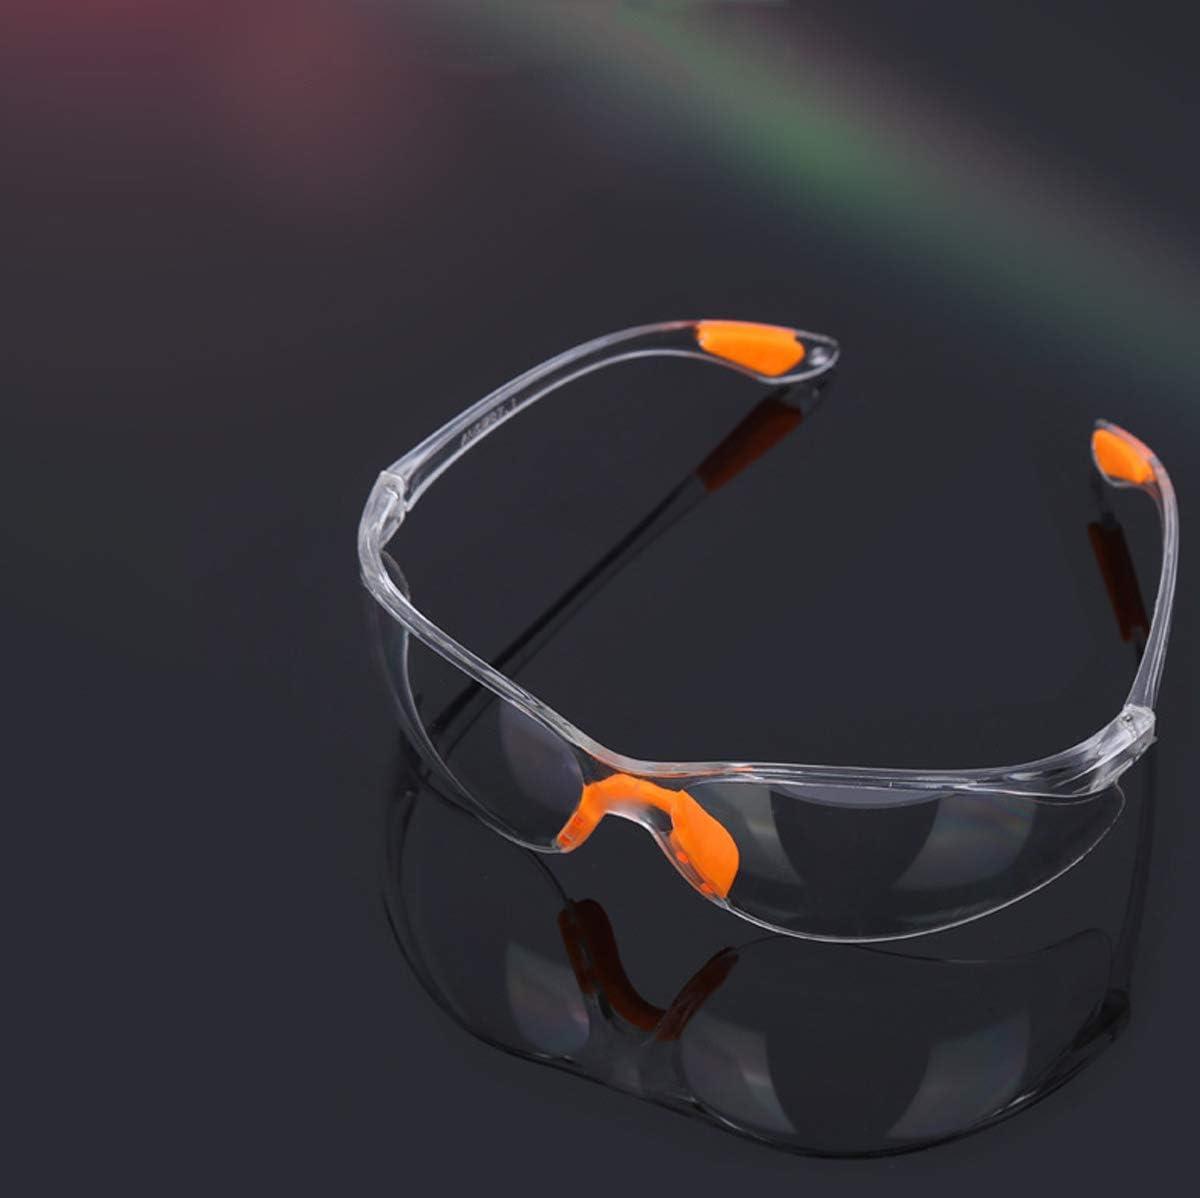 gafas universales WPP Gafas de protecci/ón l/áser para IPL//E-light OPT de punto de congelaci/ón para eliminar el cabello